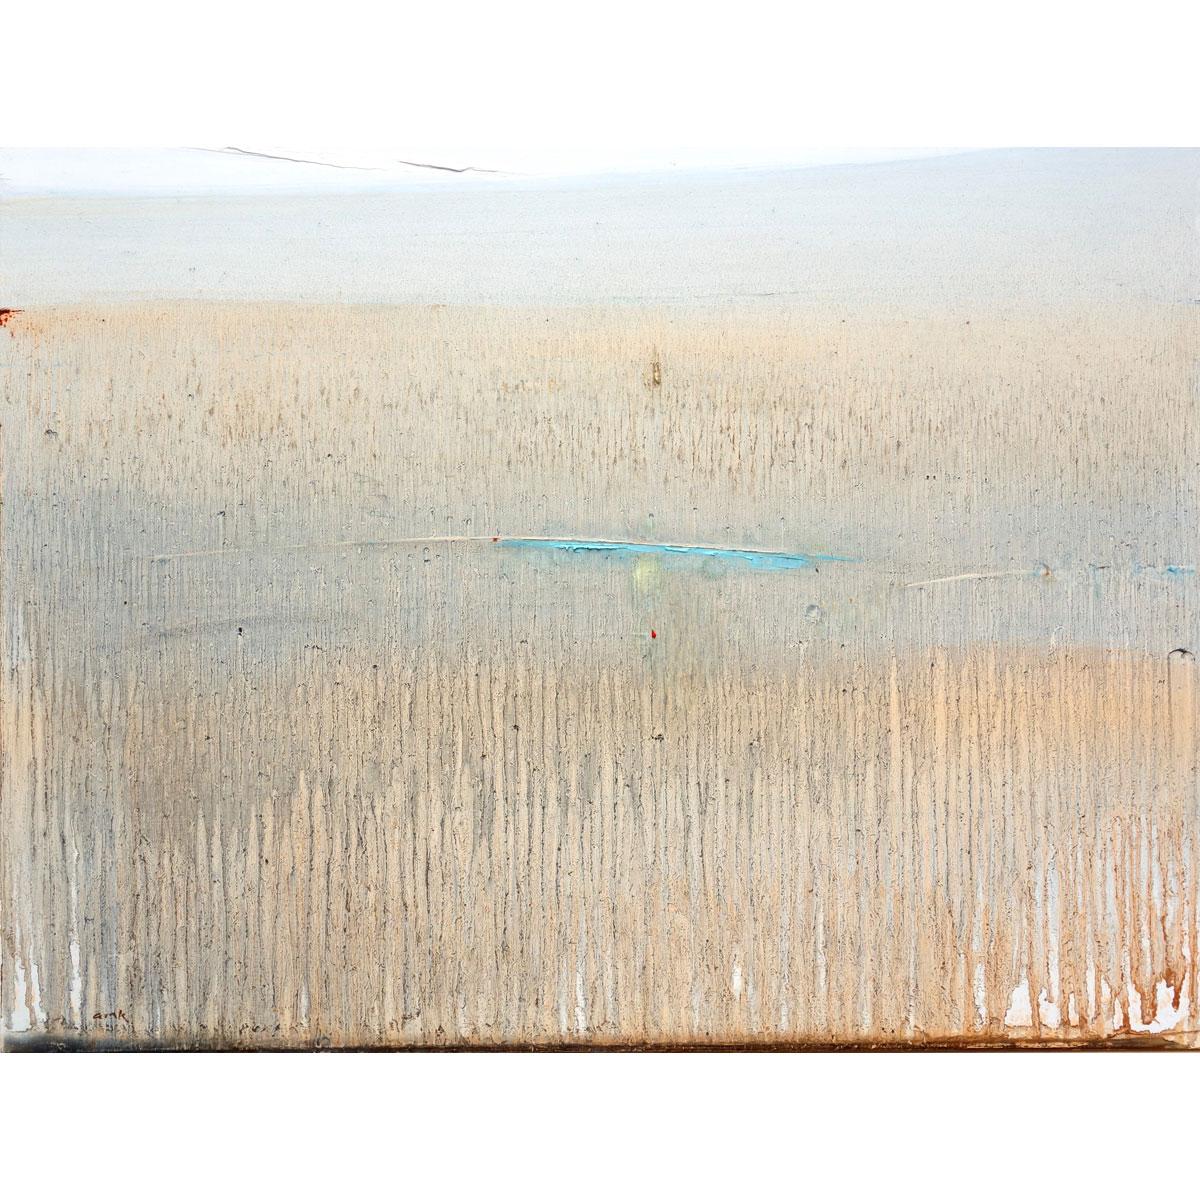 Reyleigh by Anne Kaferle